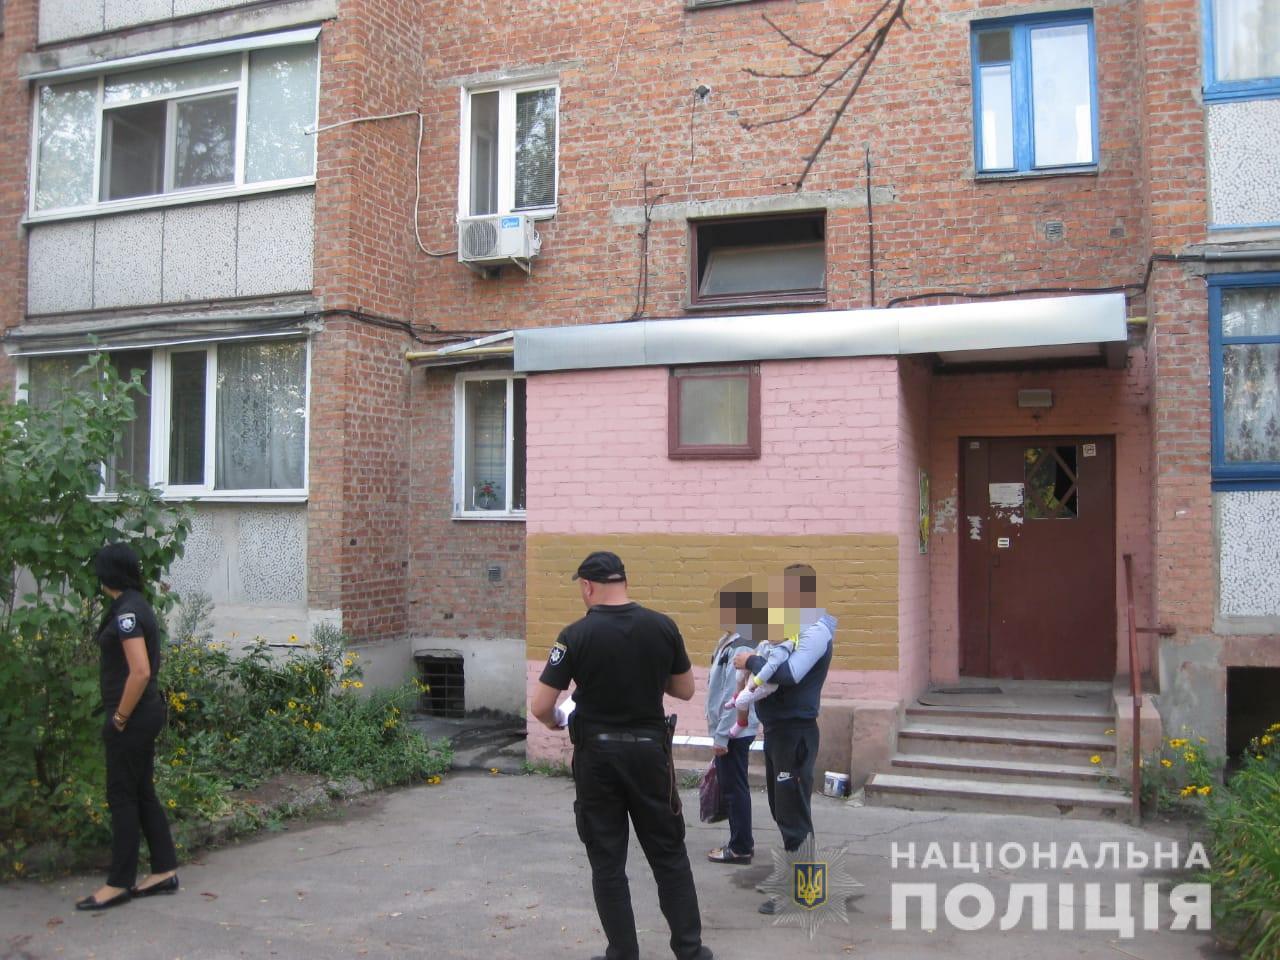 Харьковчанин, выкинувший жену из ревности в окно, находится в изоляторе